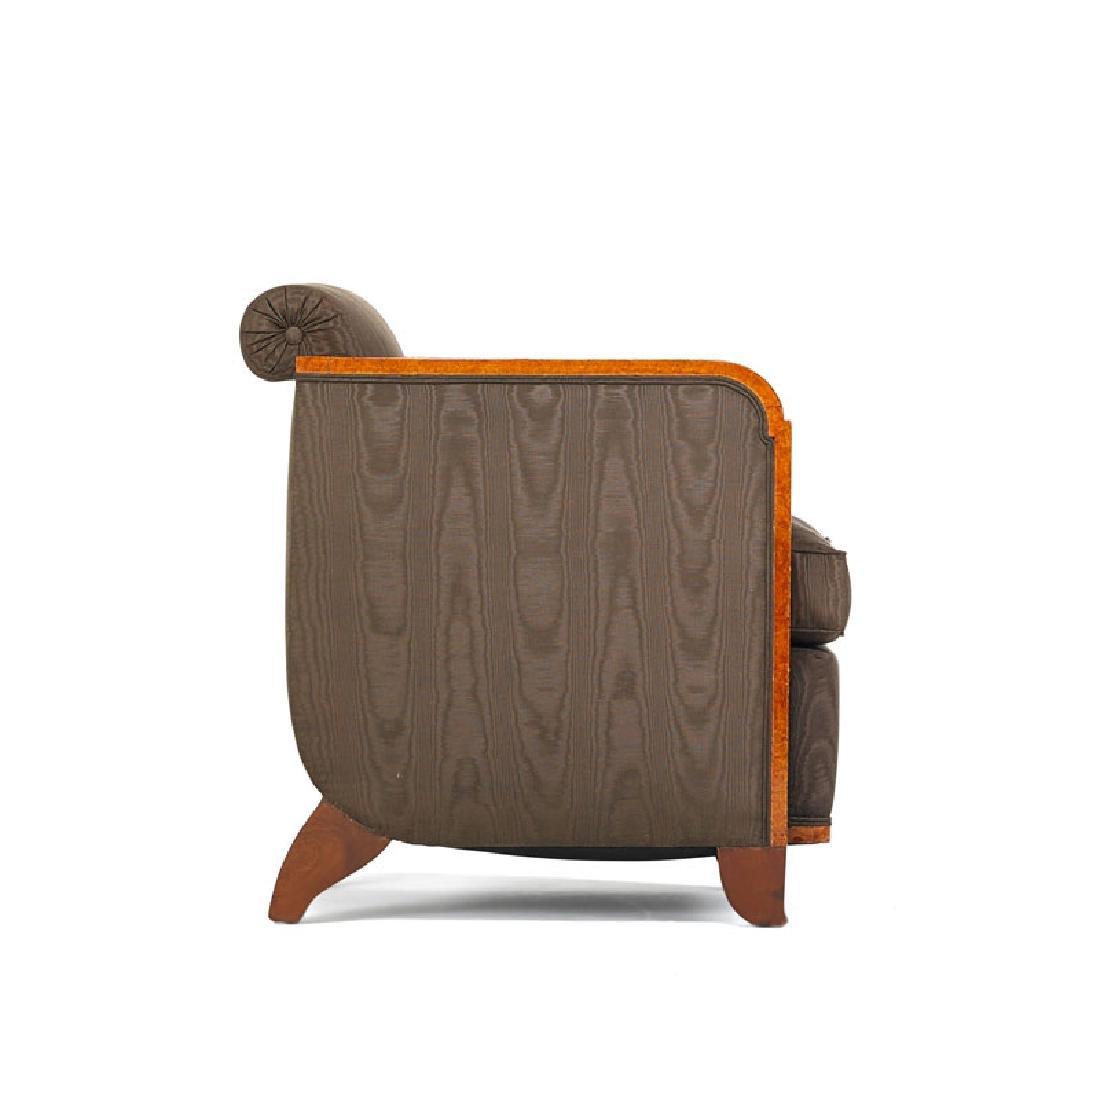 JULES LELEU Club chair - 3